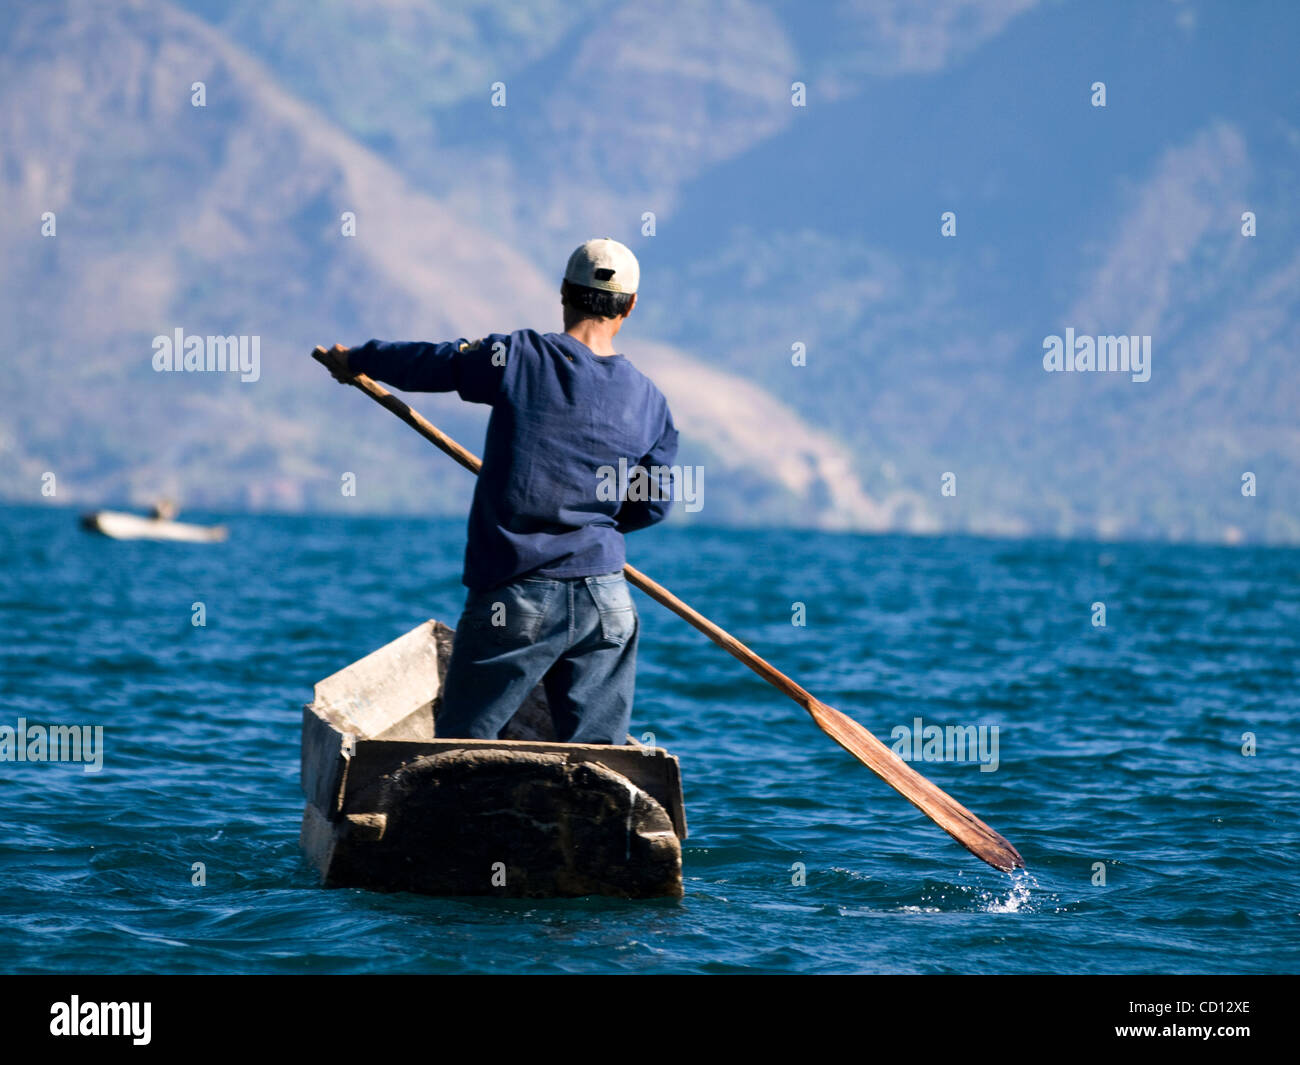 Fishermen on lake Atitlan in Santiago Atitlan, Guatemala - Stock Image